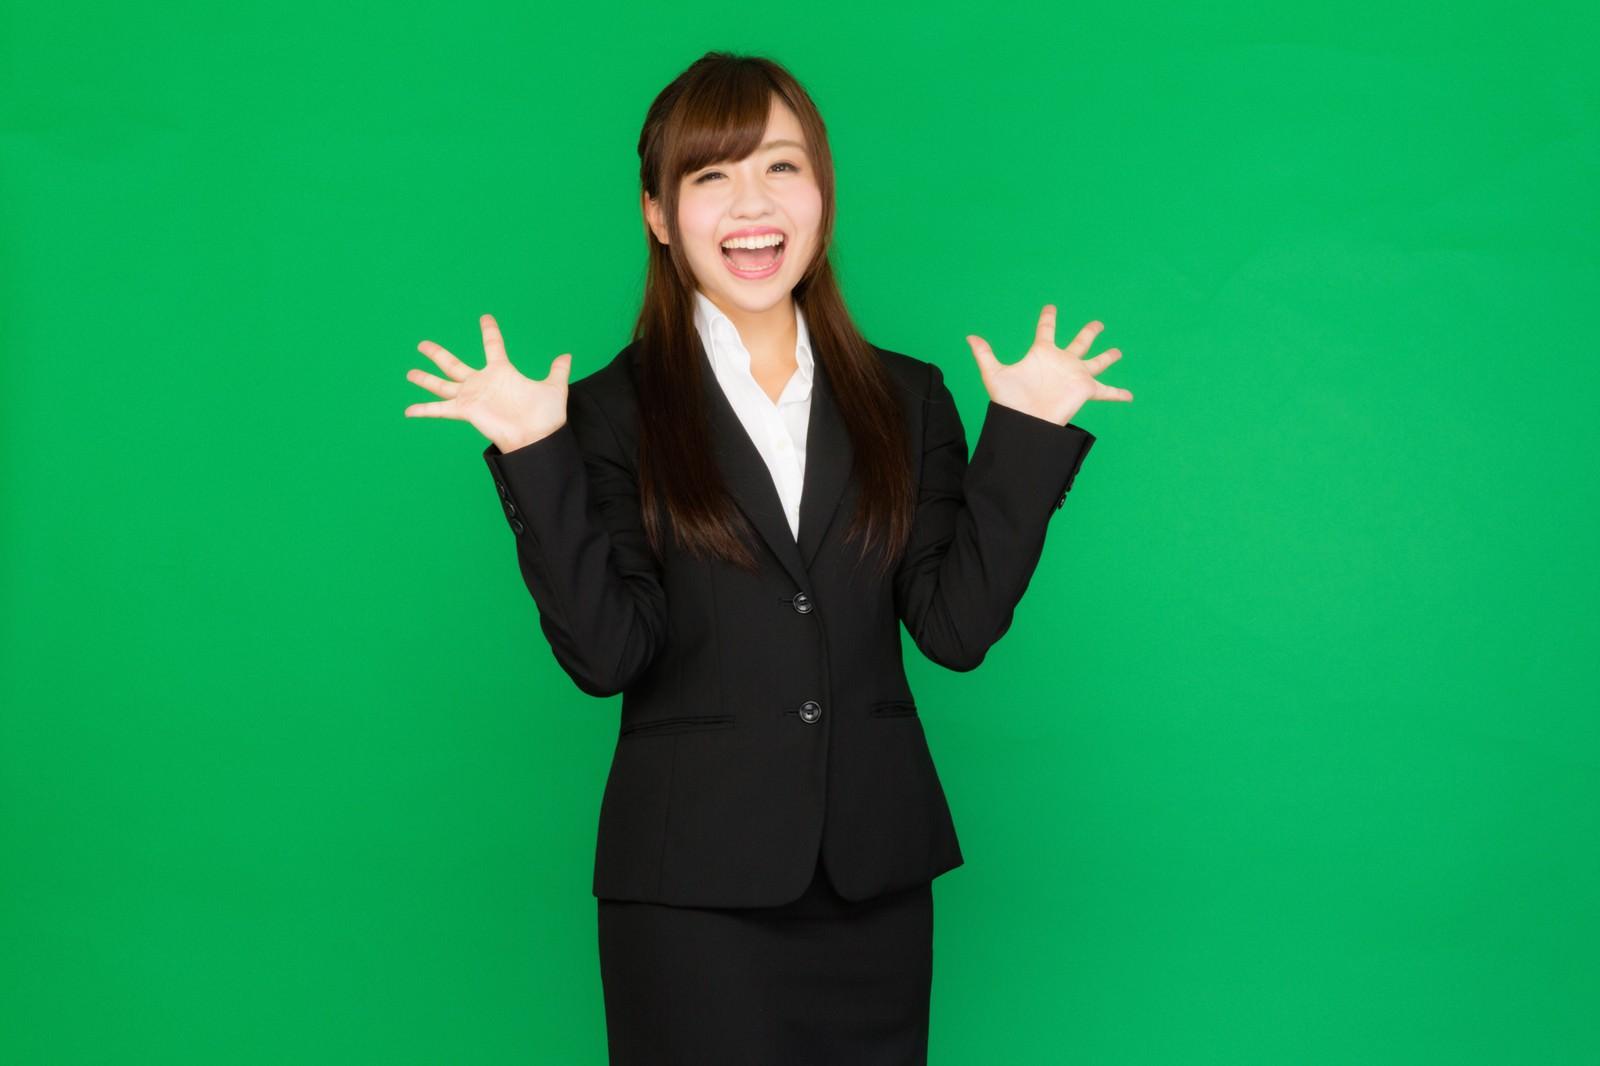 「両手を広げて喜ぶスーツ姿の女性(グリーンバック)」の写真[モデル:河村友歌]